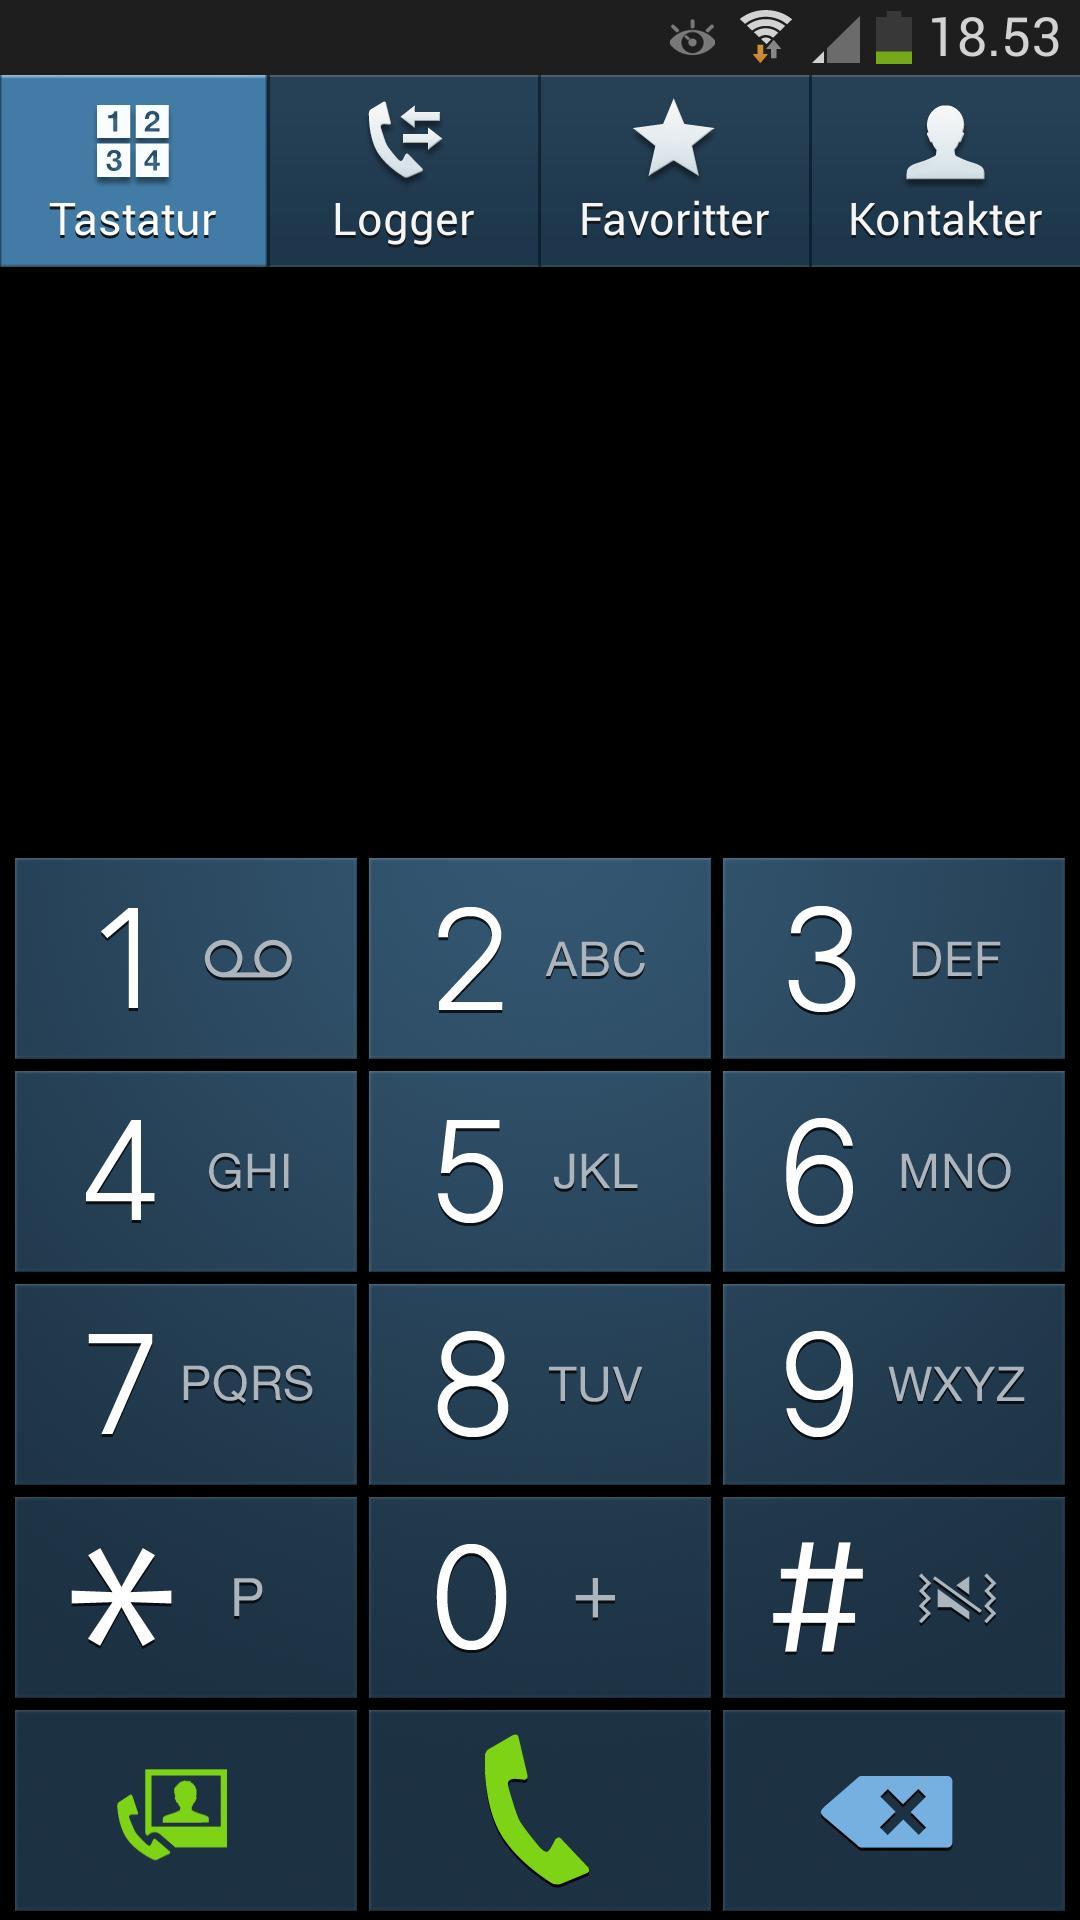 Galaxy S4 er svært god på basisfunksjoner, og kan skilte med god batteritid.